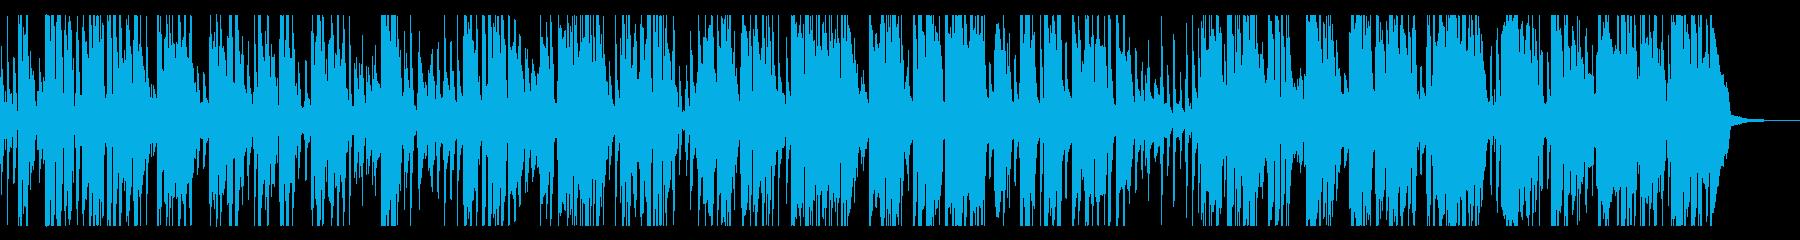 プロ生演奏・陽気なショータイムジャズの再生済みの波形